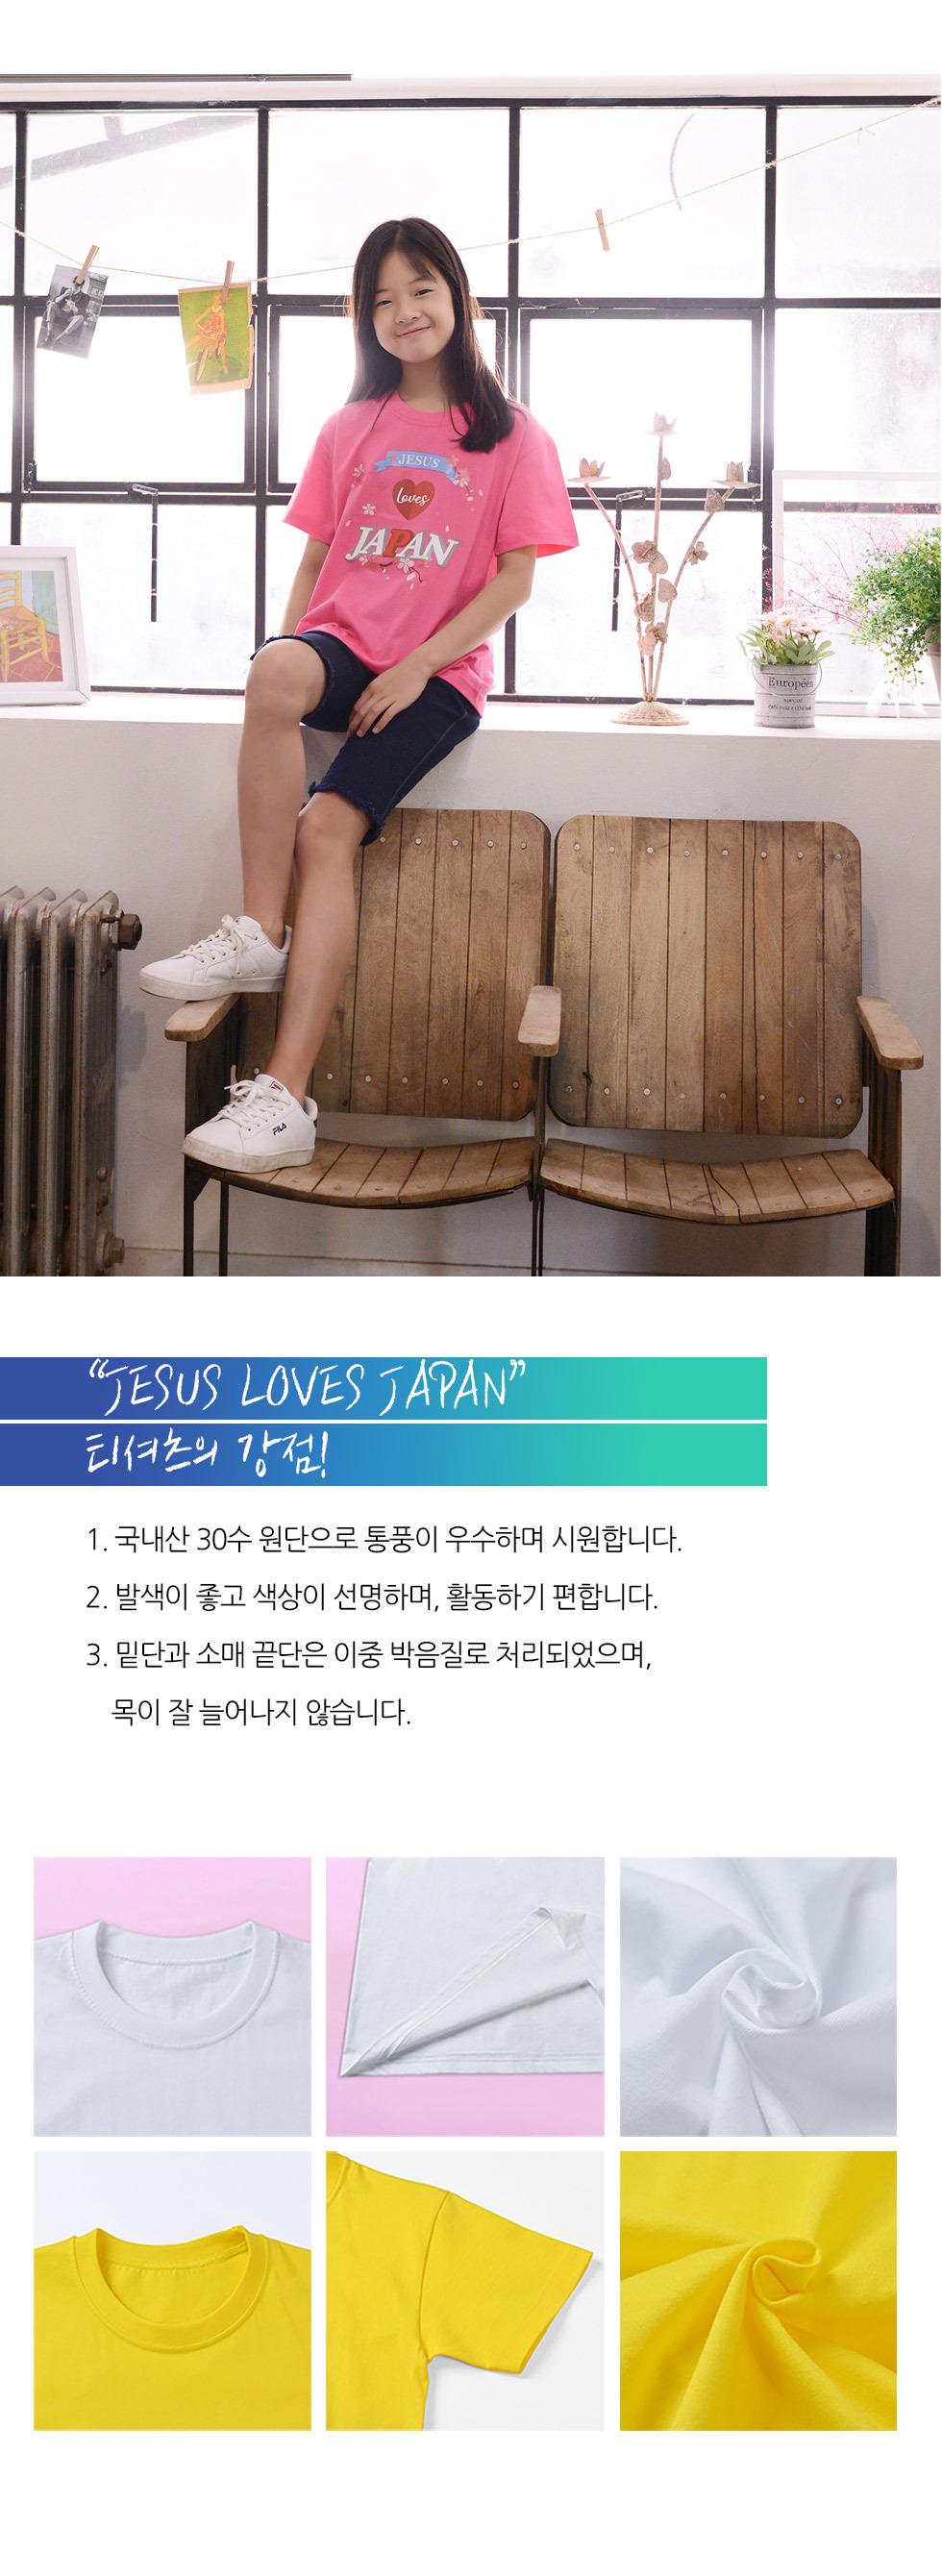 교회 단체티셔츠 일본 선교티 (Jesus loves Japan) - 미션트립 단체티셔츠 아동티셔츠(일본선교)